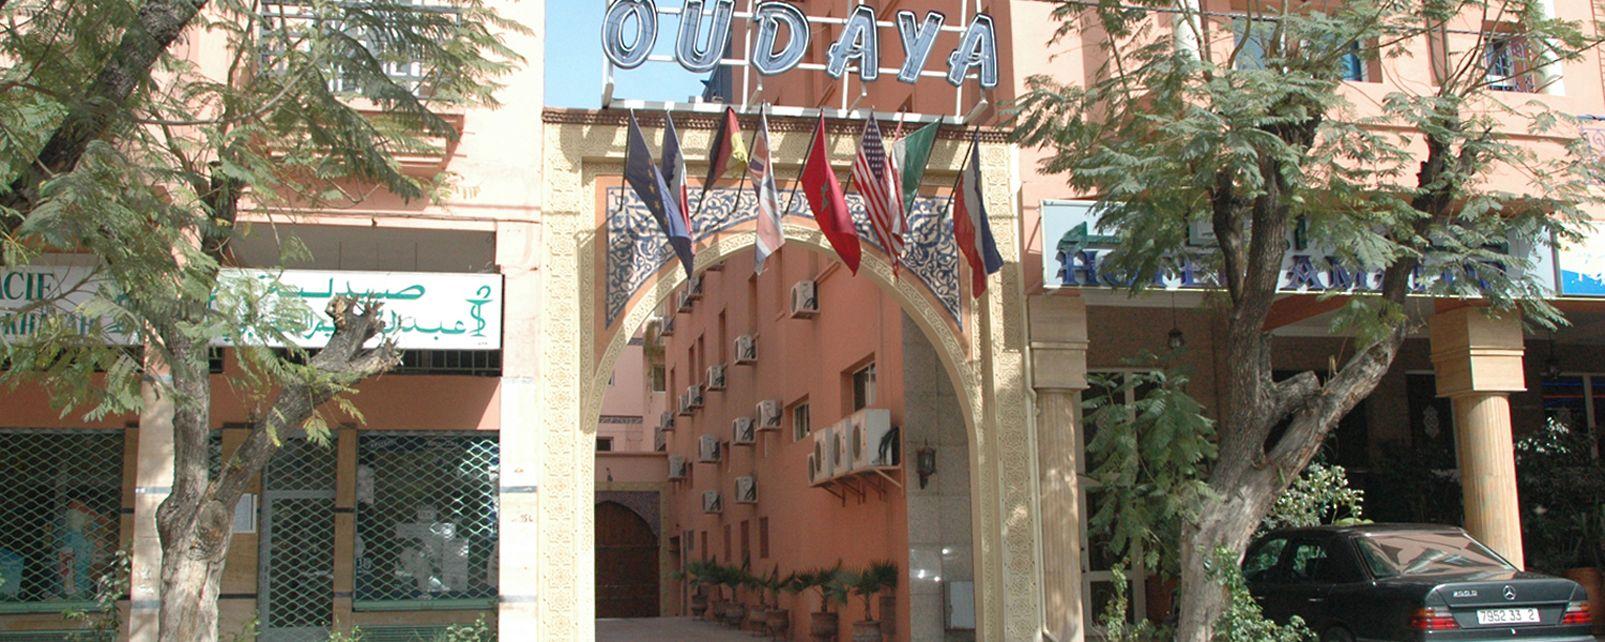 Hôtel Oudaya